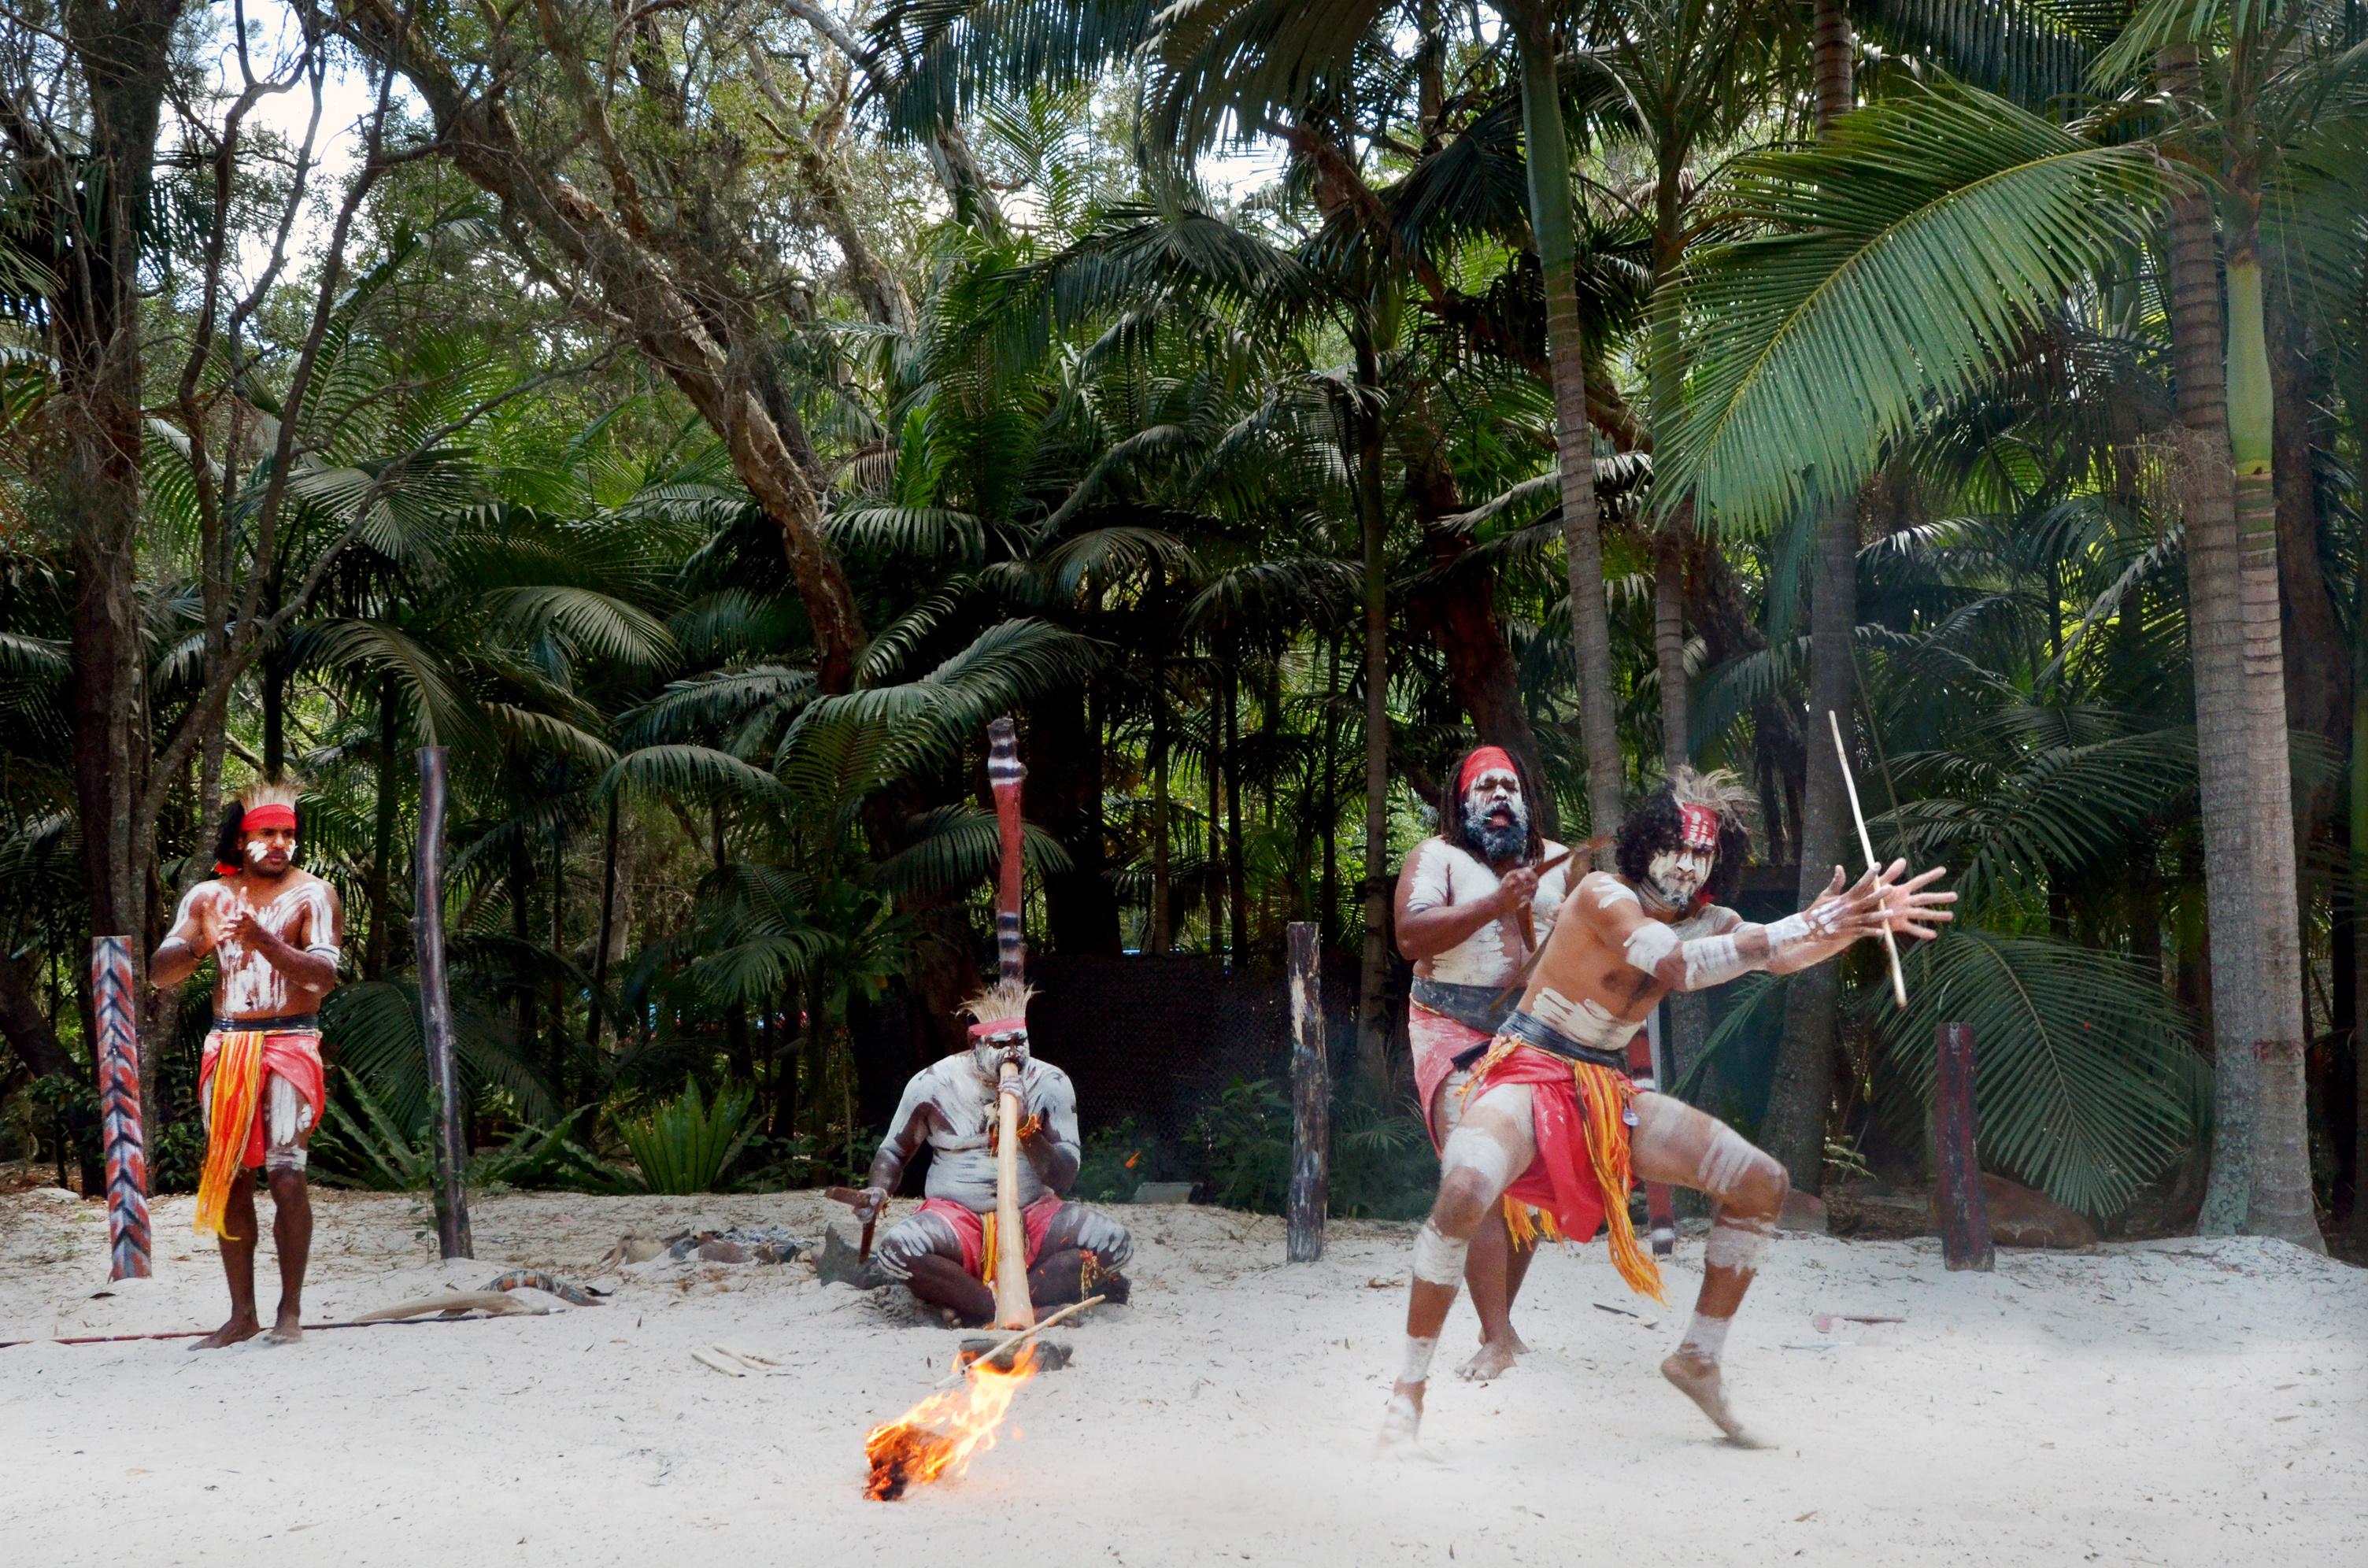 culture clash indigineous aboriginals essay